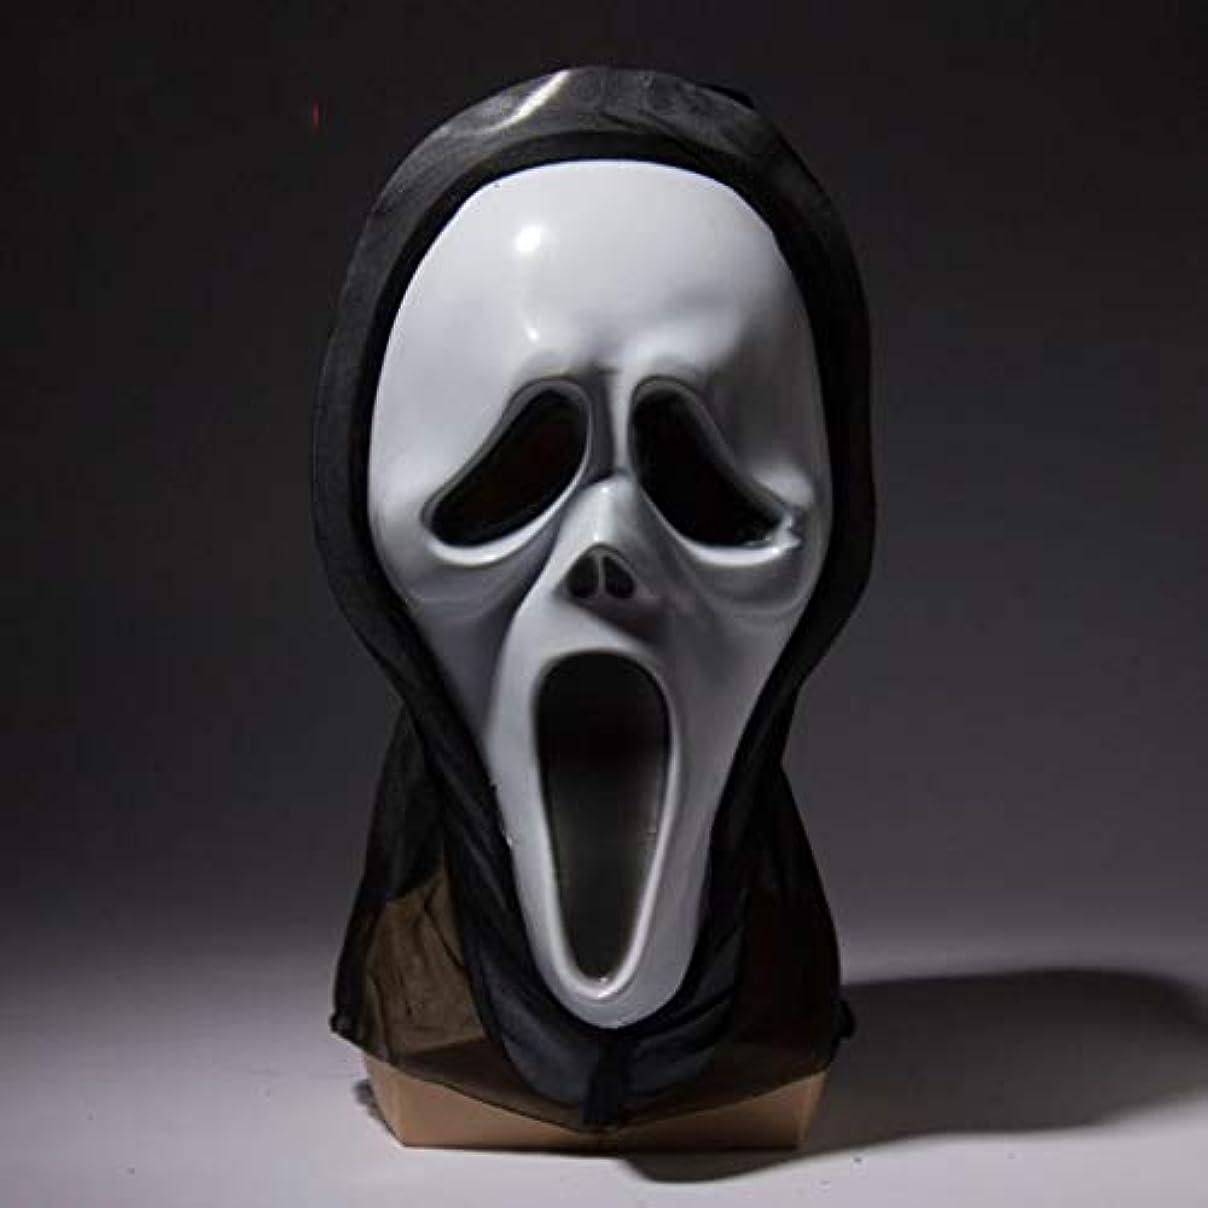 安定した近傍上がるハロウィーン悲鳴悪魔ホラーマスクしかめっ面怖いゾンビヘッドギア大人ゴーストフェスティバルボールマスク